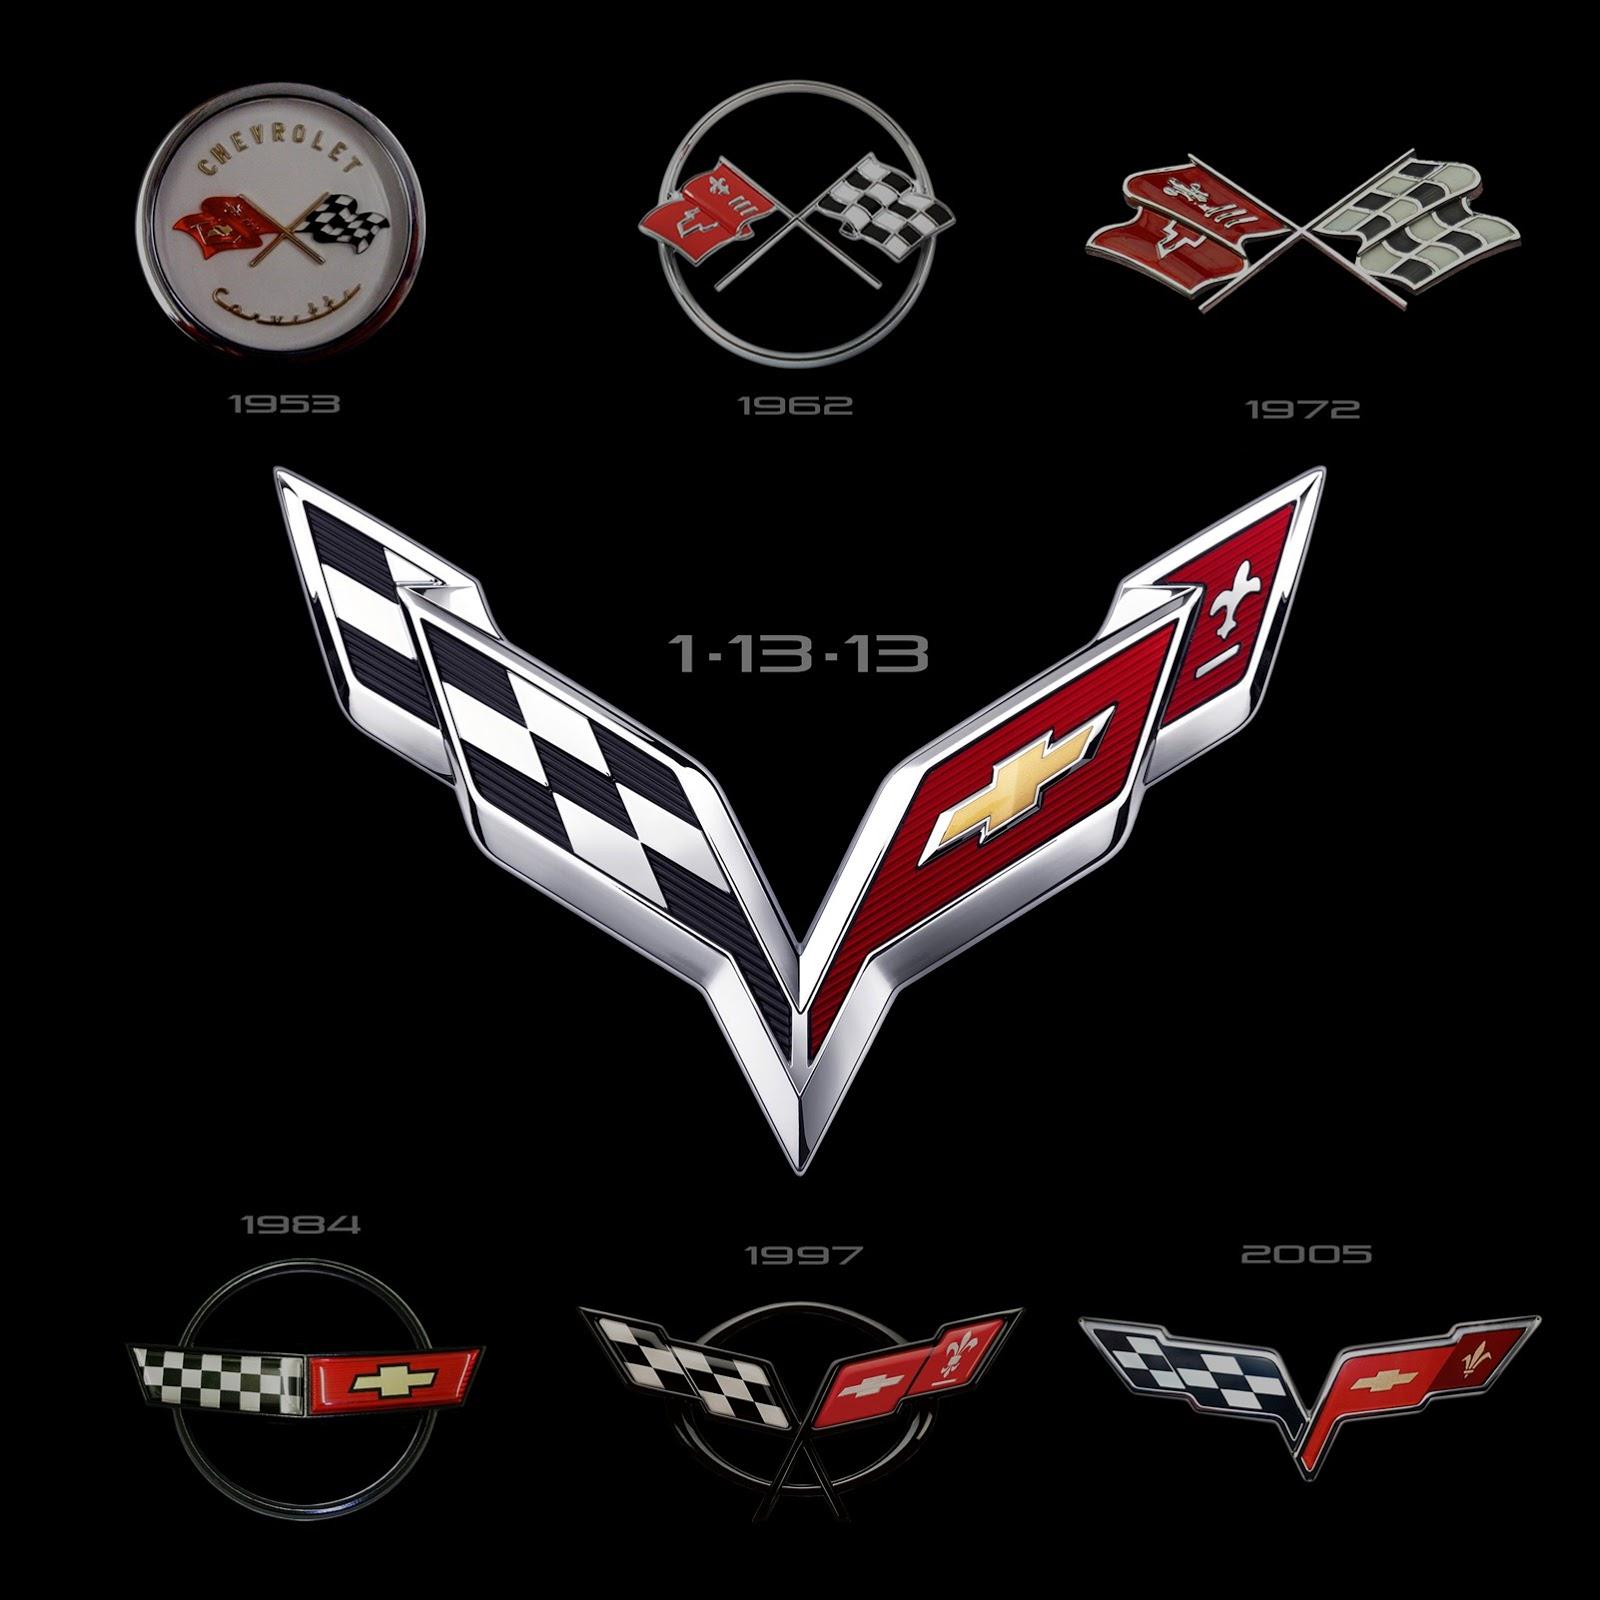 chevrolet_corvette_logo_history_01